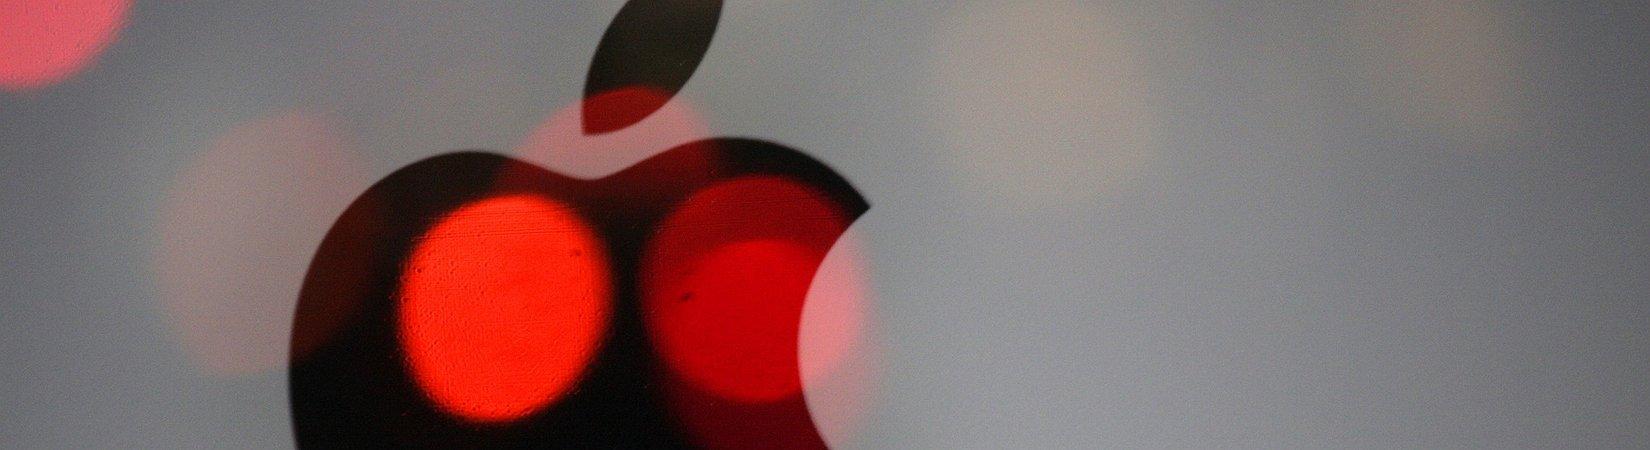 Das neue iPhone kommt am 21. März